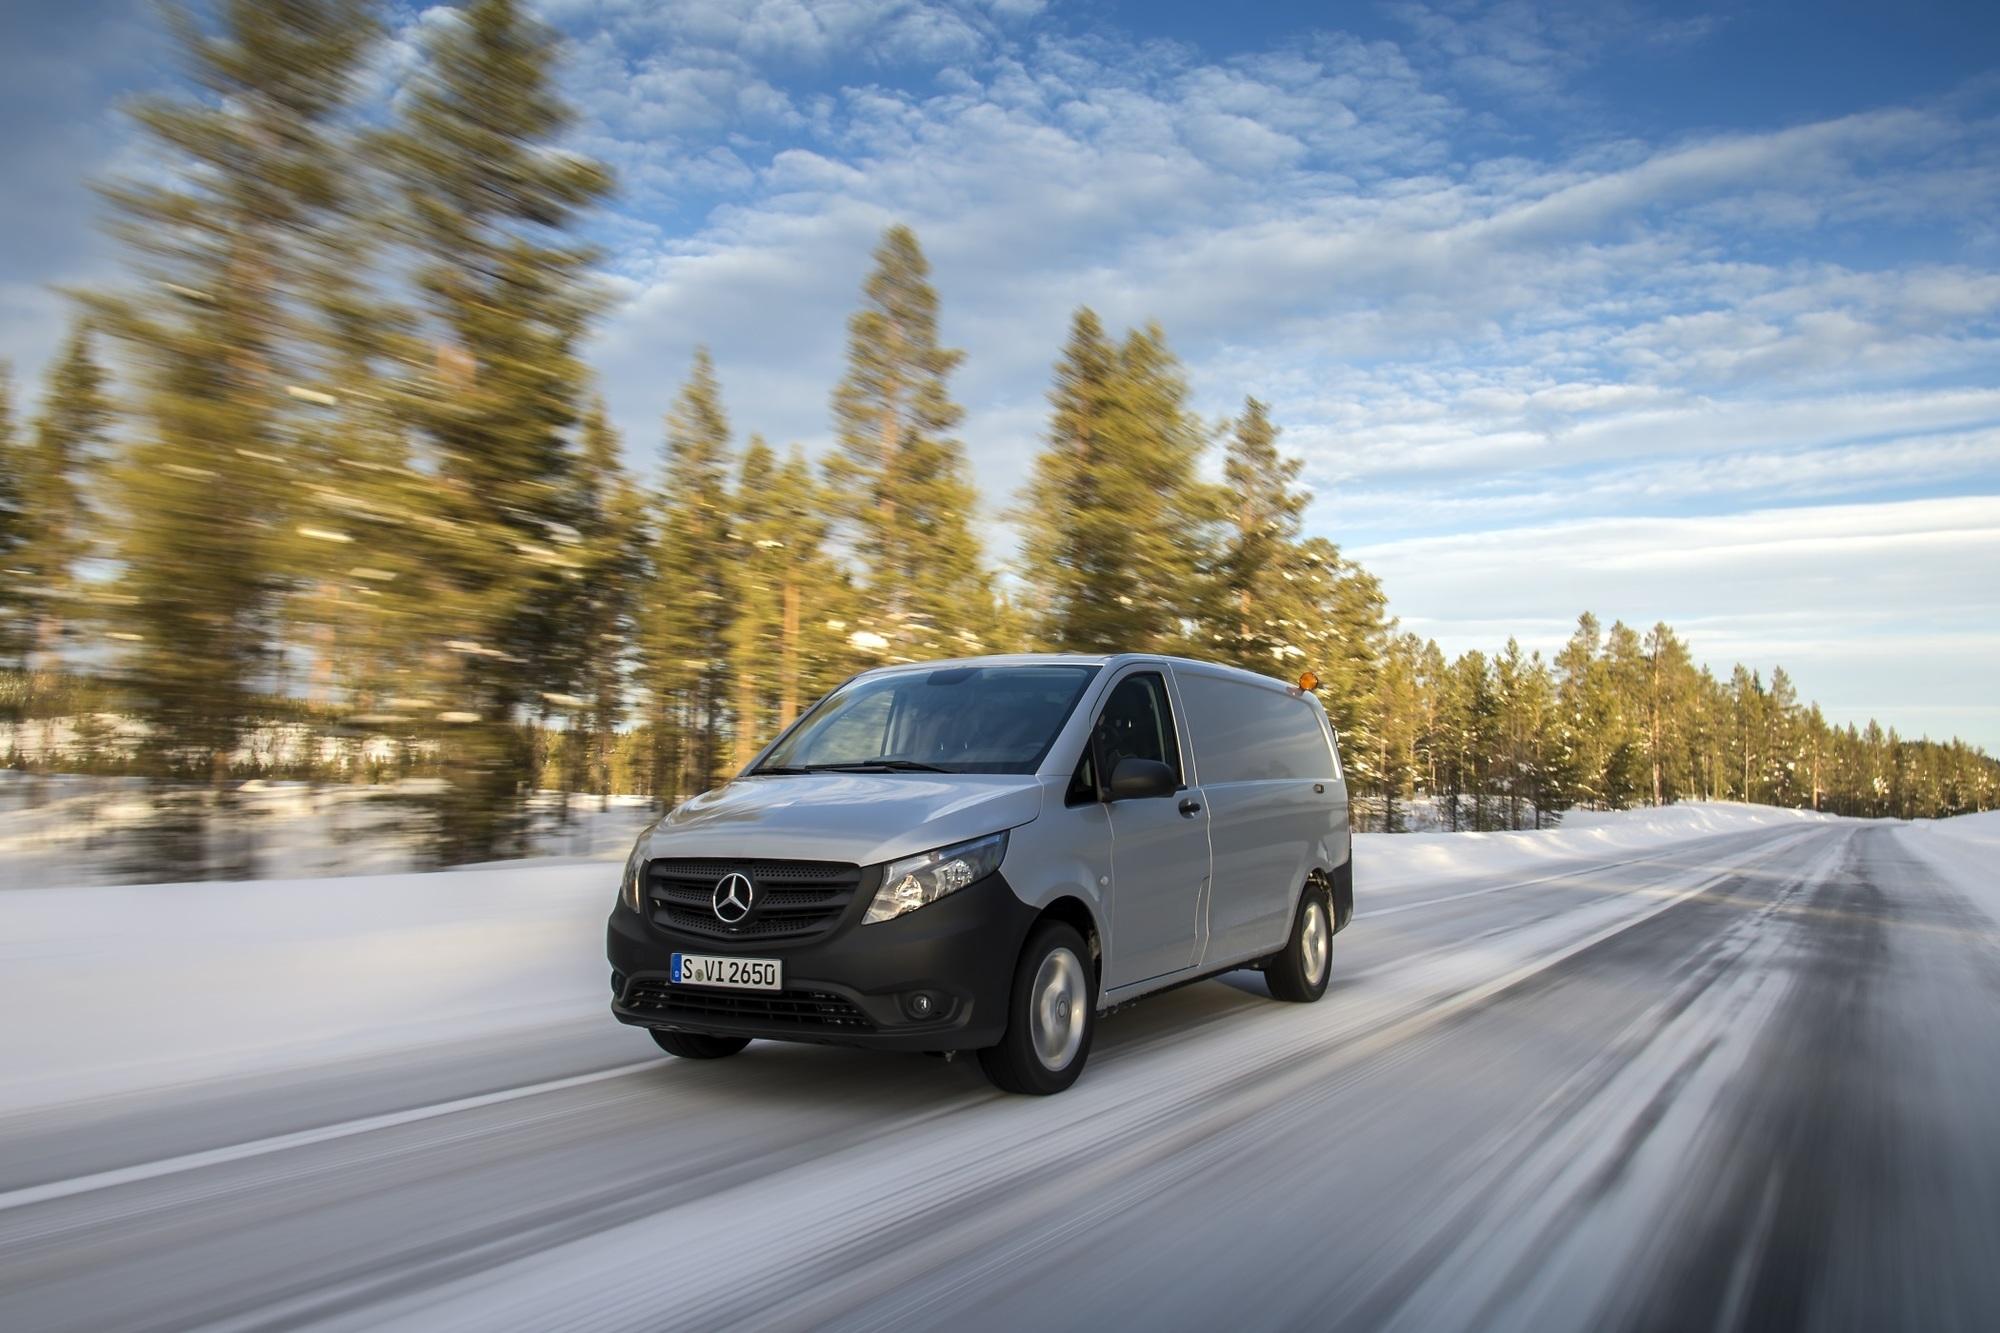 Fahrbericht: Mercedes Vito 4x4 - Per Du mit Eis und Schnee